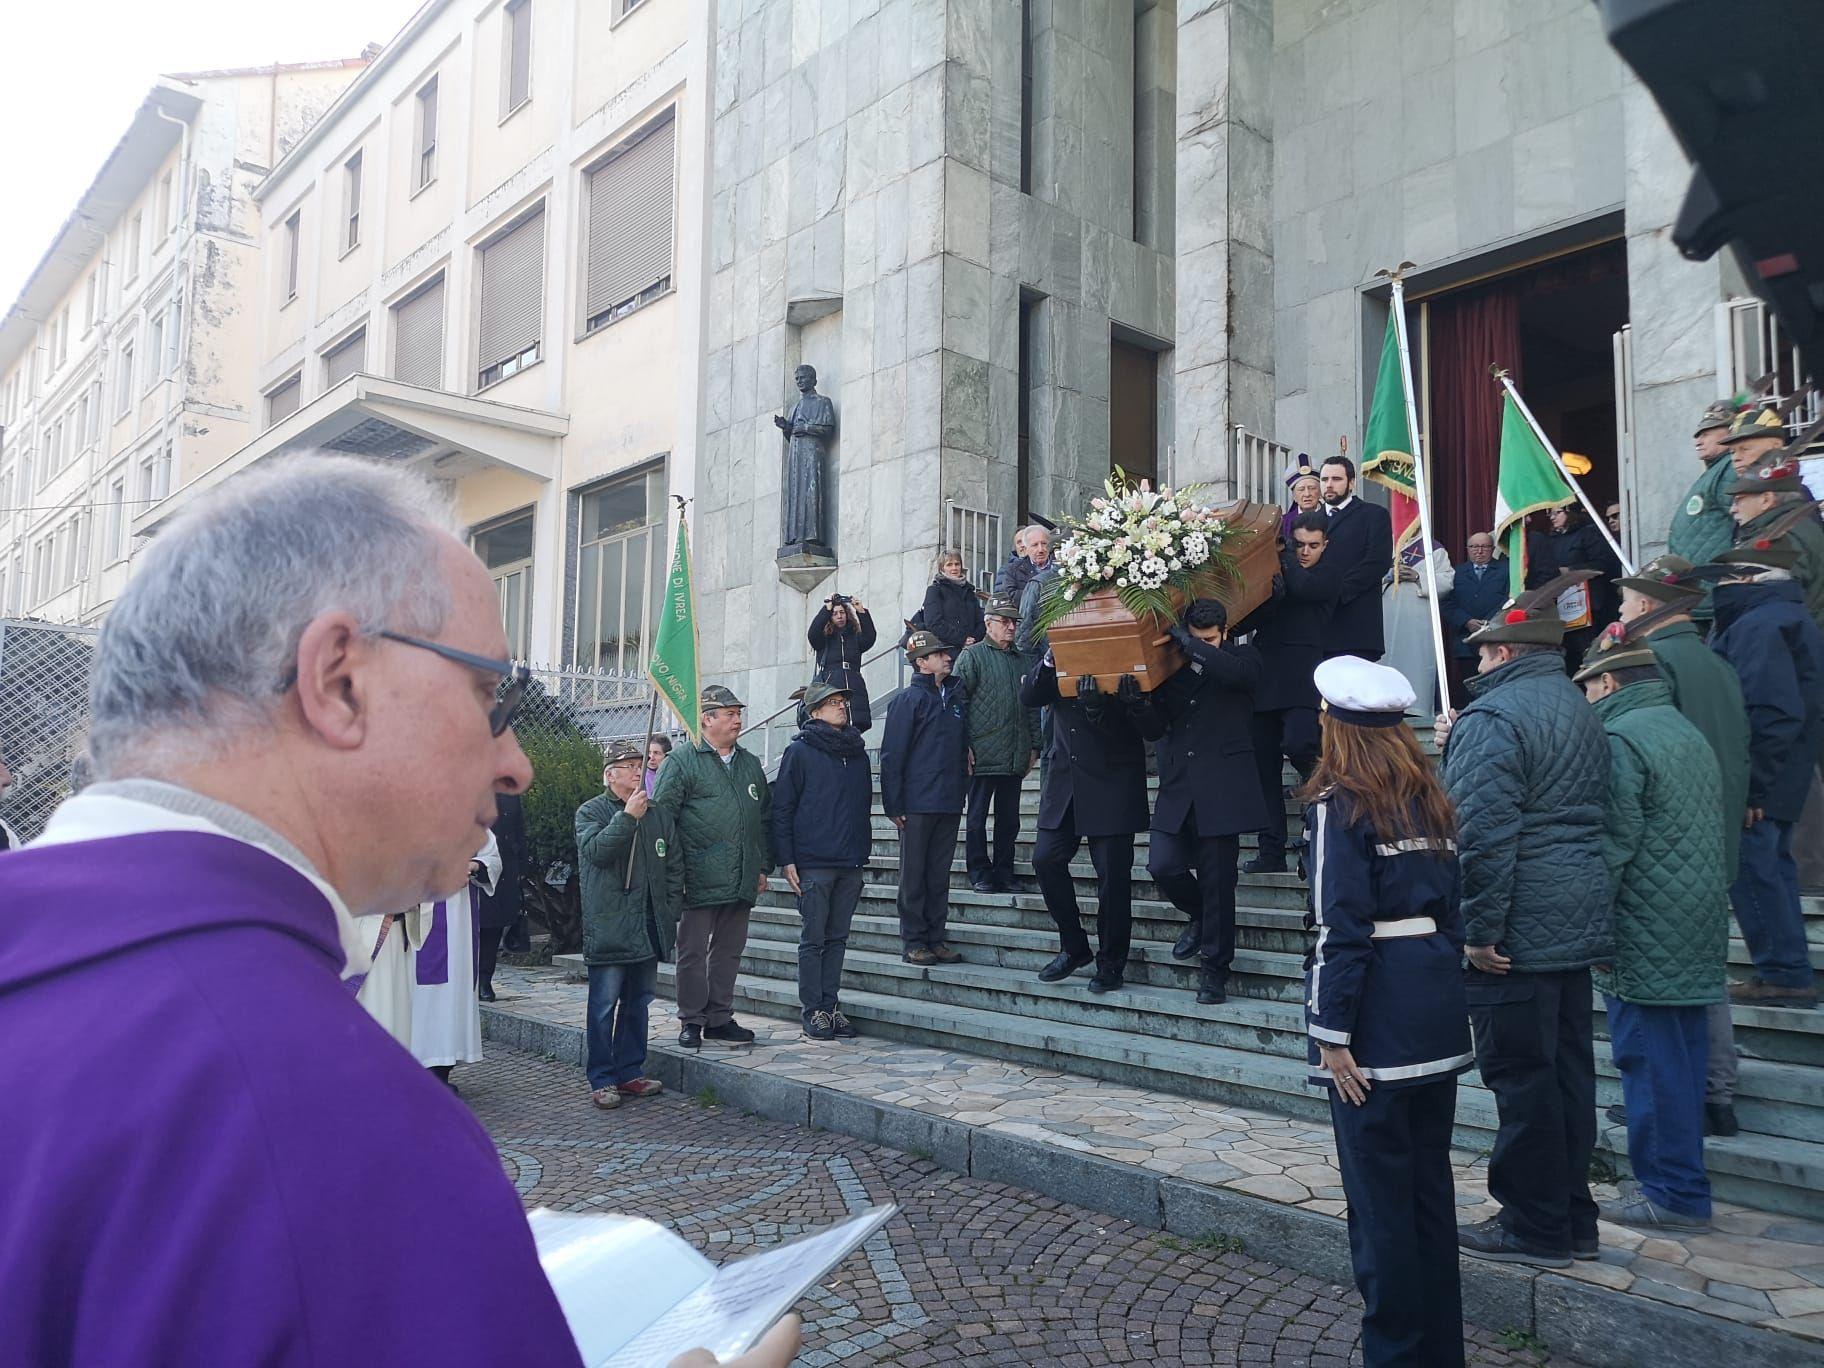 CUORGNE' - Una folla immensa ha salutato per l'ultima volta Don Nicola Faletti, il Don Bosco del Canavese - FOTO e VIDEO